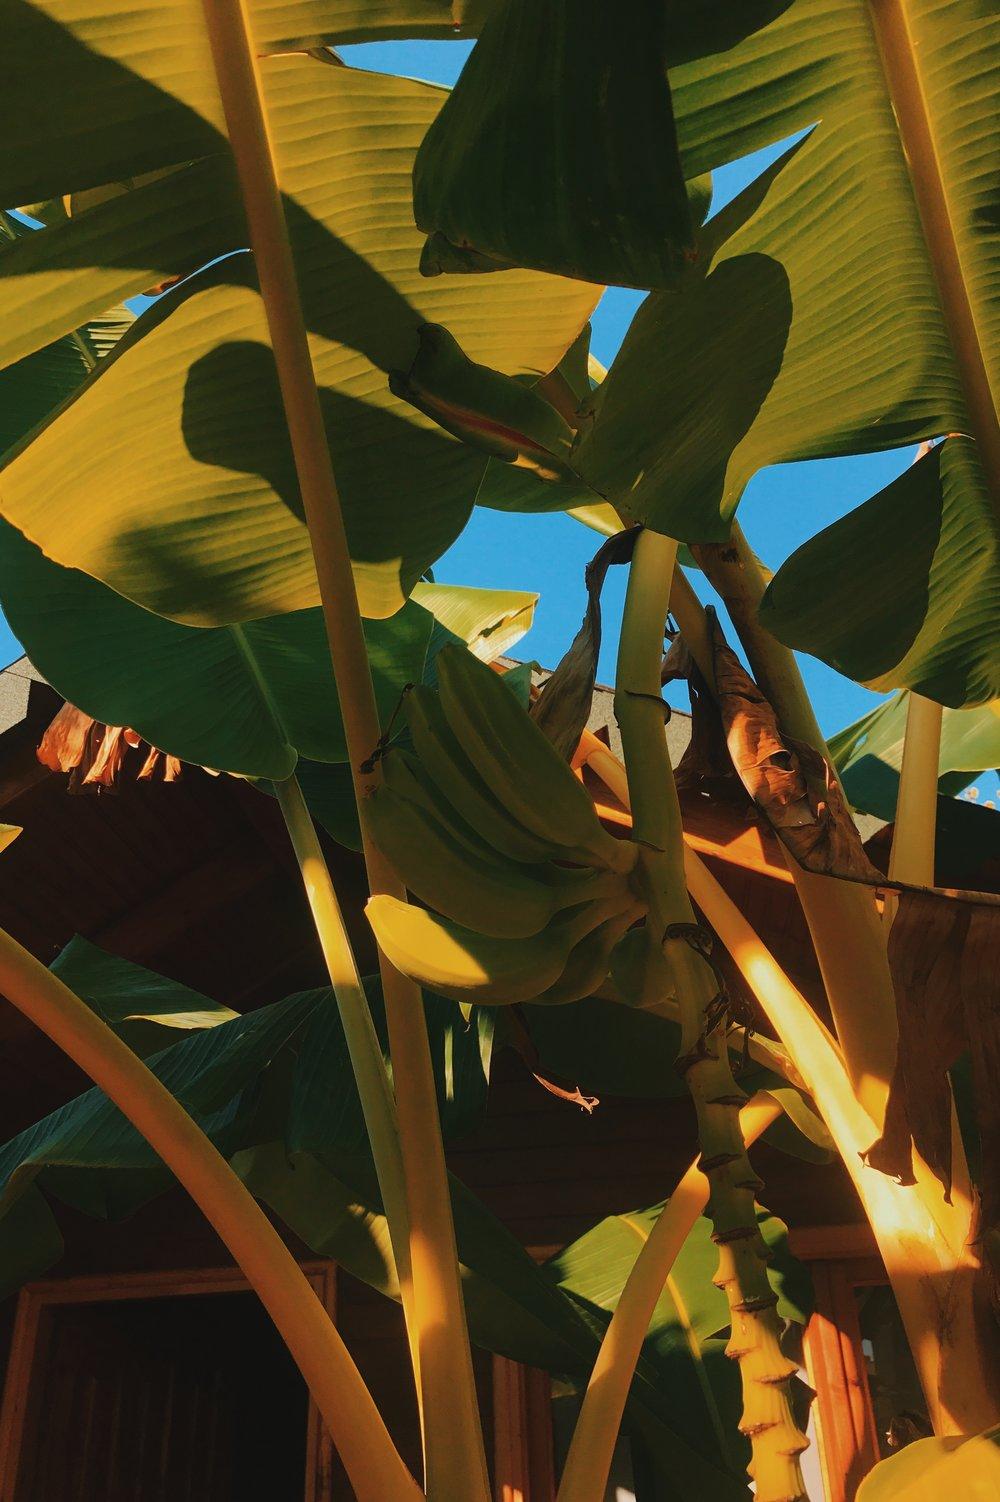 Banana trees in Albania